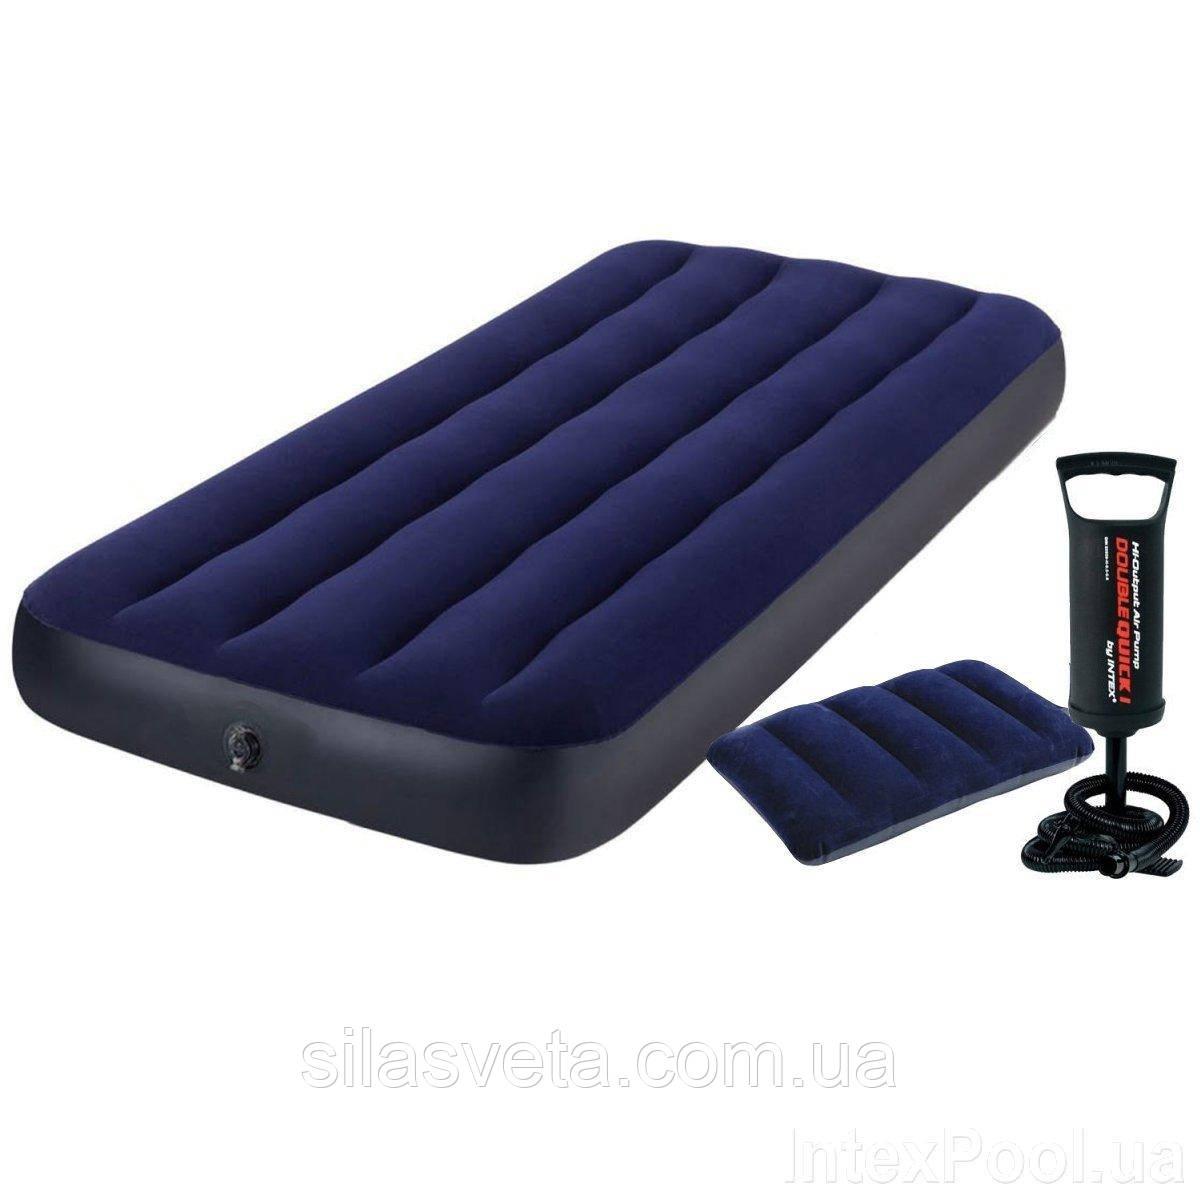 Надувной одноместный матрас, Intex 64756-2 (76х191х25 см.) + подушка и ручной насос.